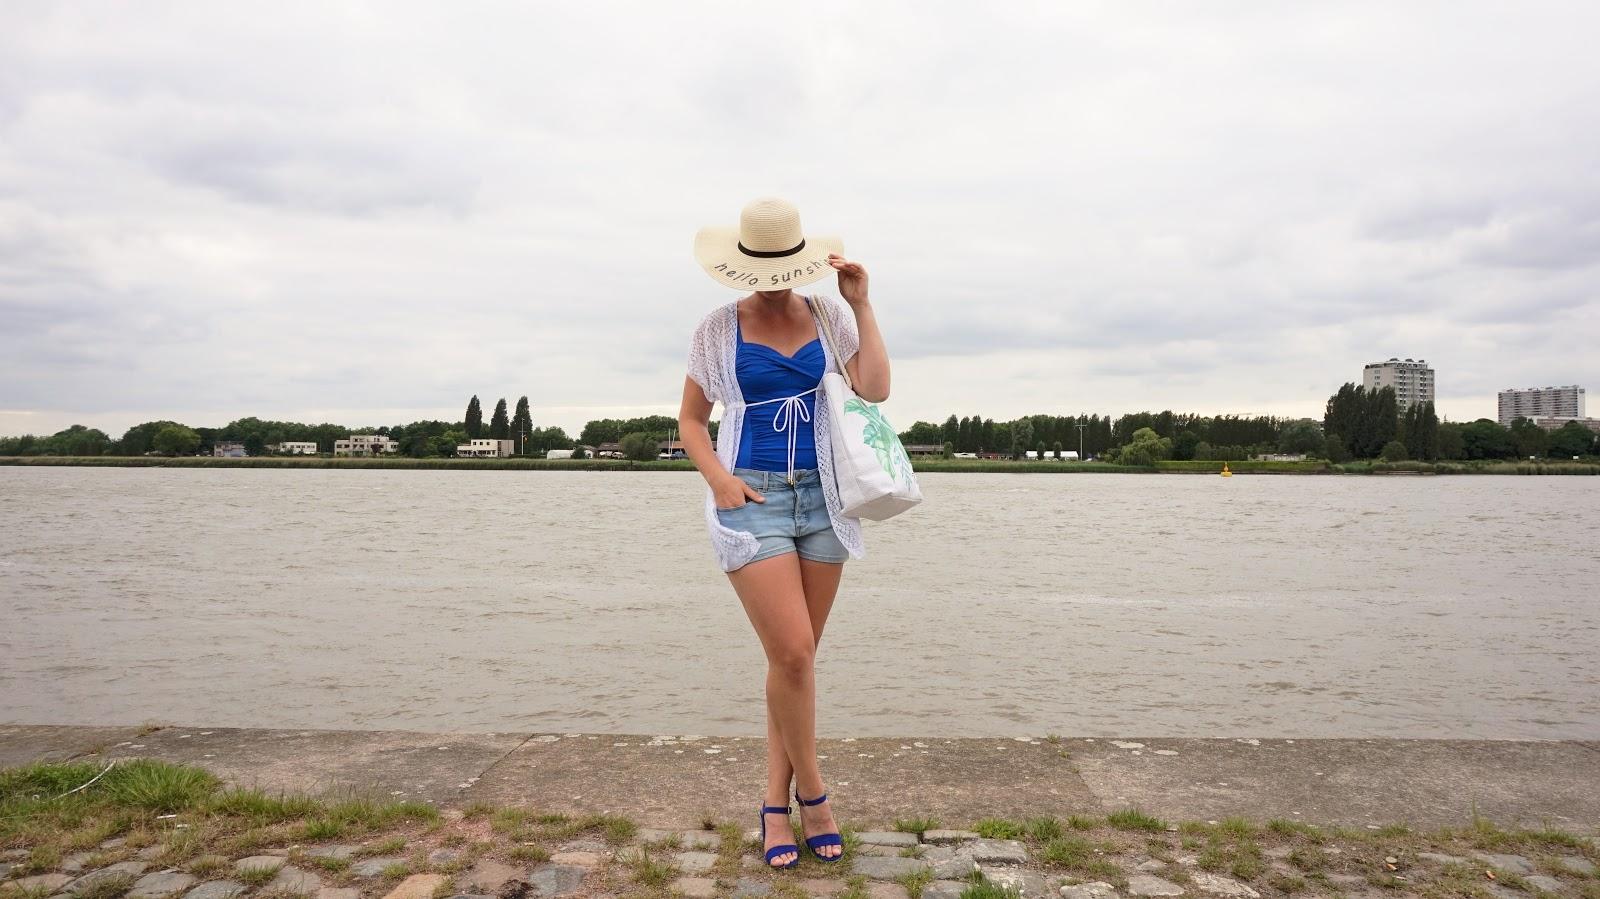 DSC07095 | Eline Van Dingenen